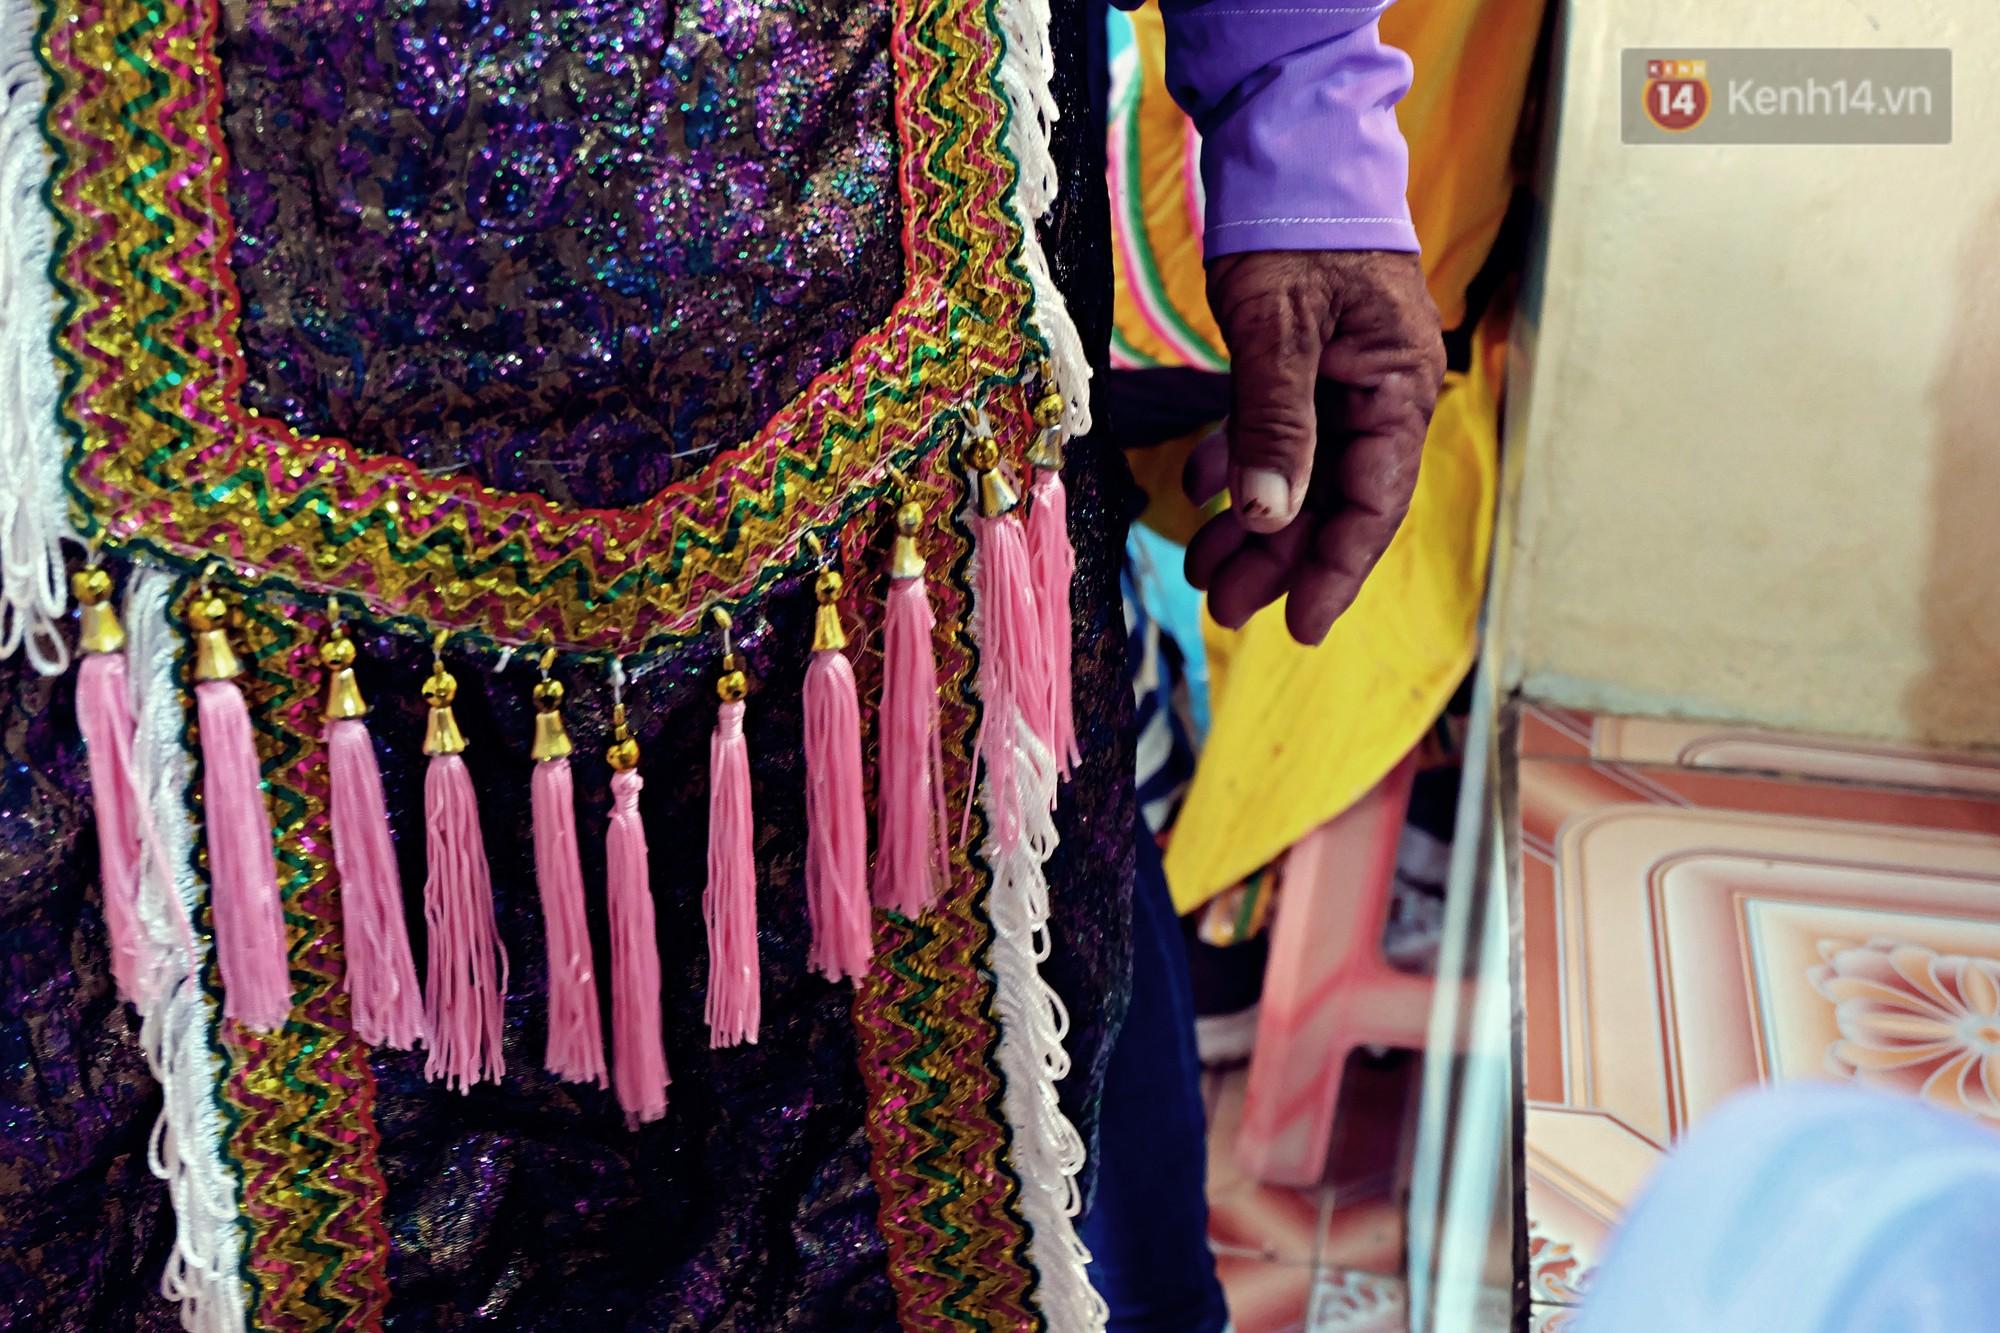 Gánh hát bội trăm tuổi trên đảo Phú Quý: Ngày thường chúng tôi là ngư dân đánh cá, bước lên sân khấu là nghệ sỹ - Ảnh 6.